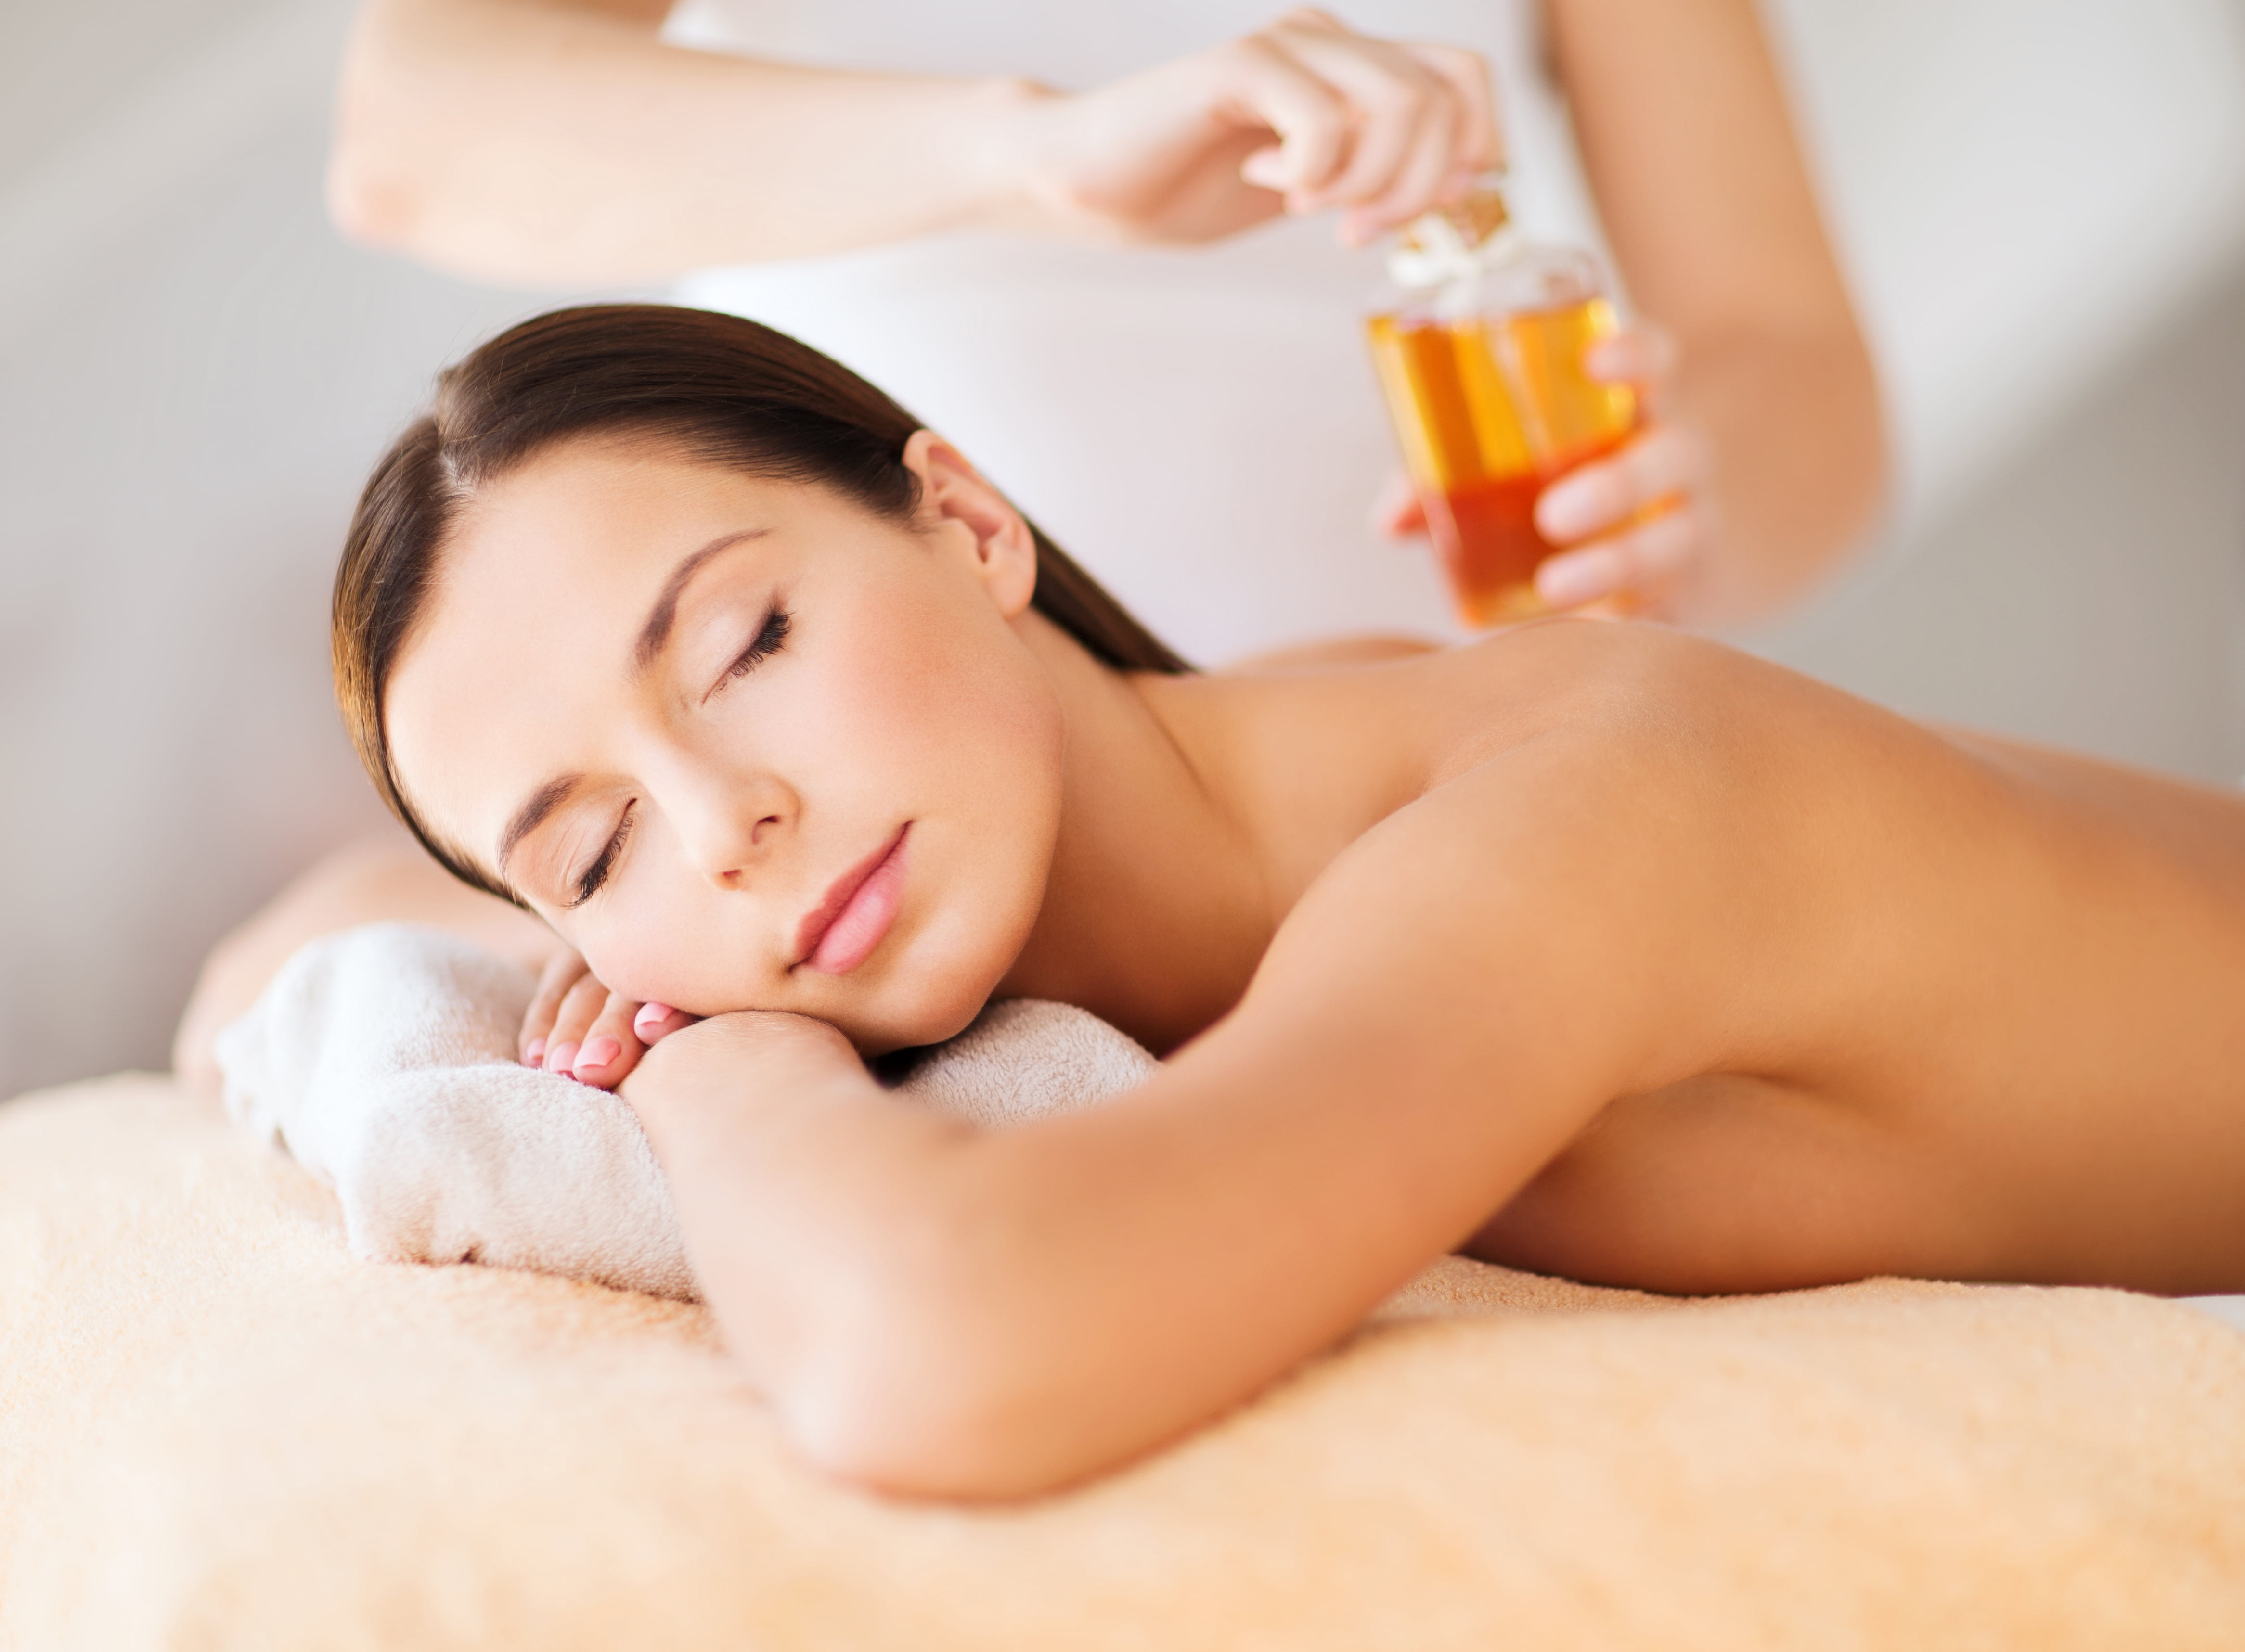 Masaj de purificare energetică, aromaterapie